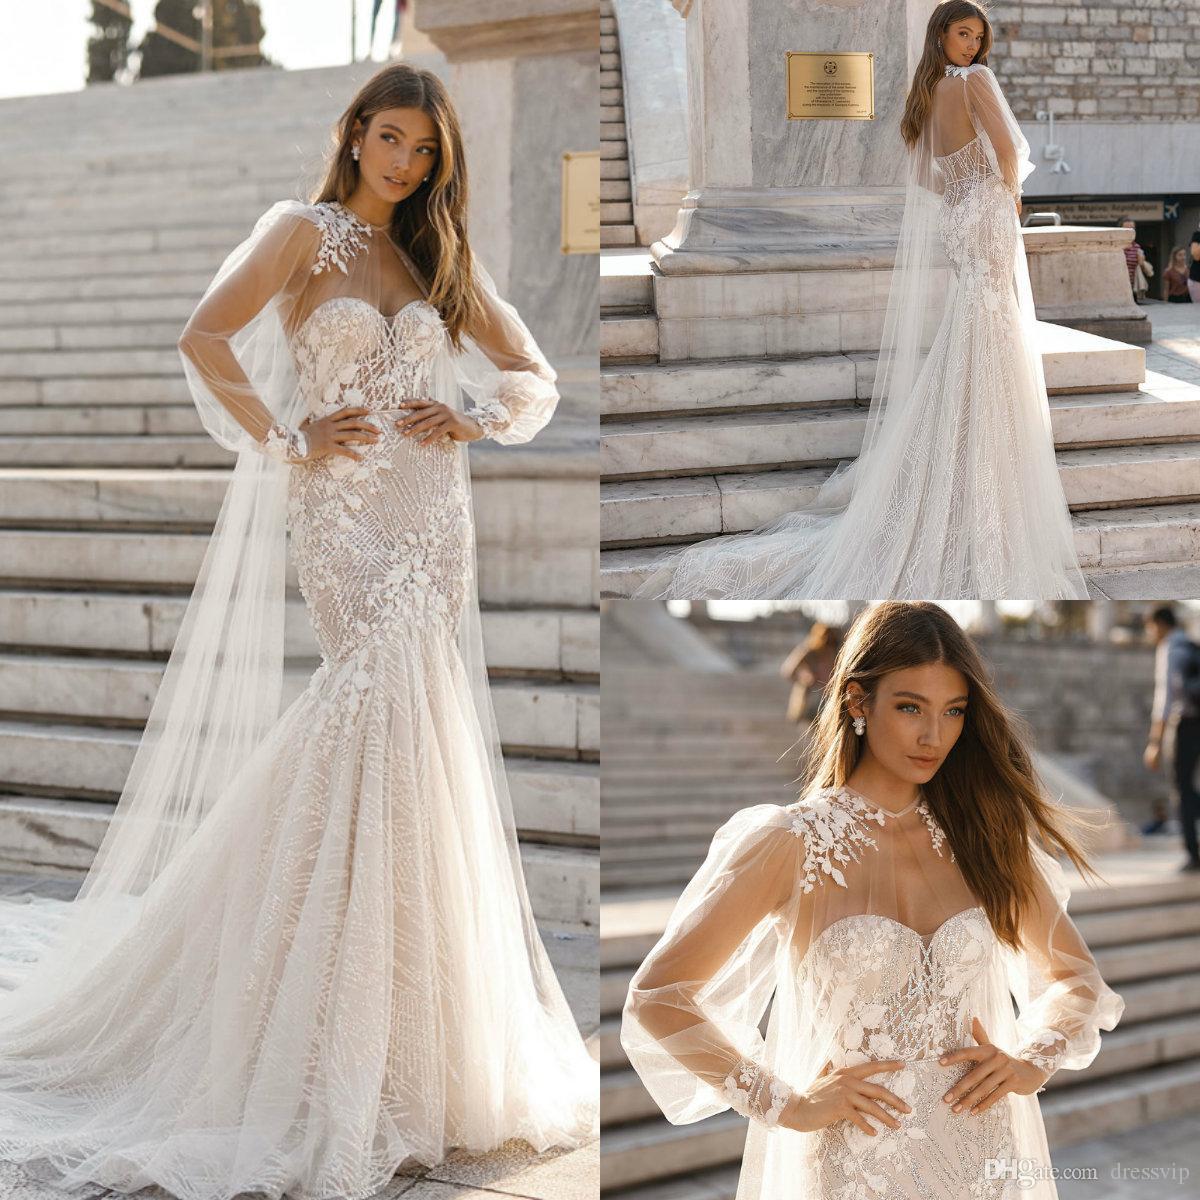 레이스 인어 웨딩 드레스 랩 2019 Berta Applique Seweetheart 스팽글 비드 비치 웨딩 드레스 플러스 사이즈 Boho Vestidos de Novia